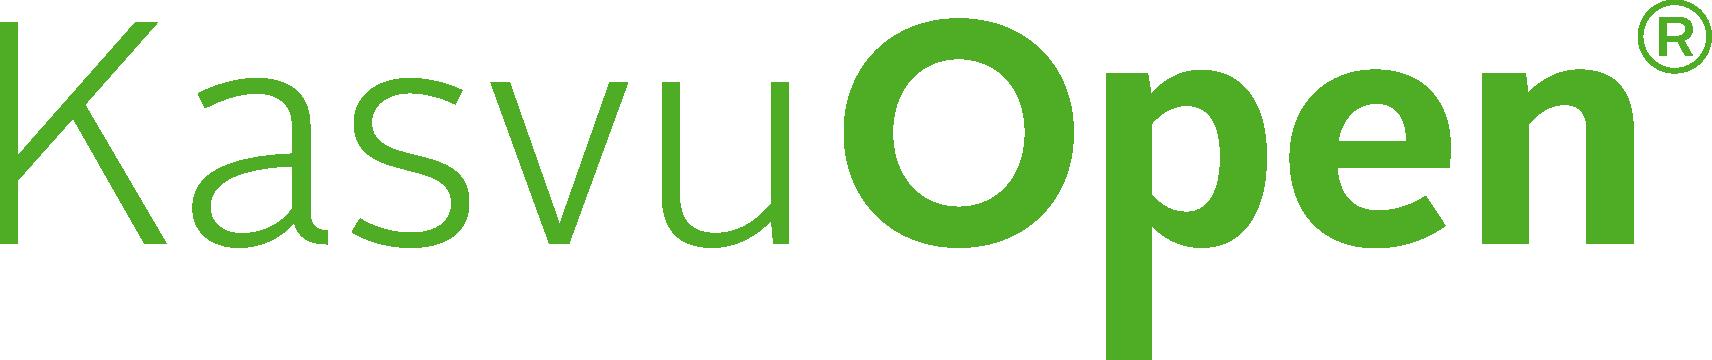 kasvu_open_logo_2015-web.png